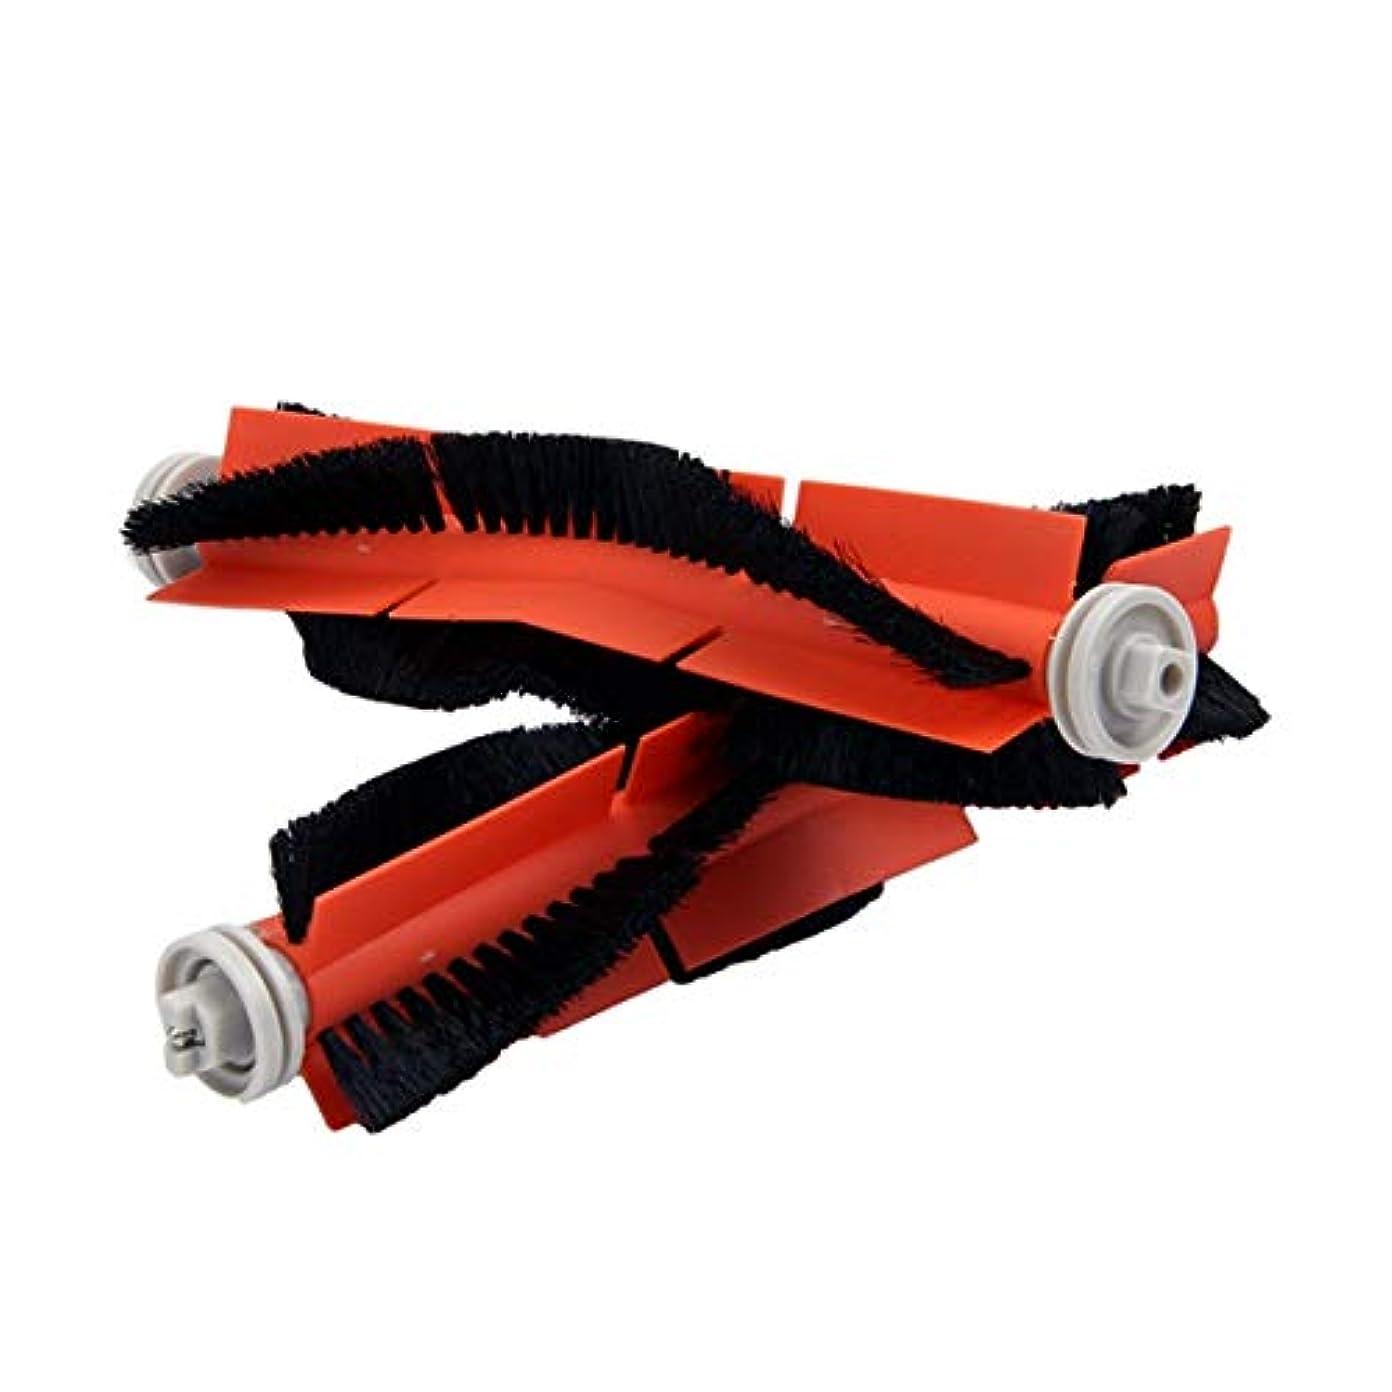 からに変化するパトワジャムACAMPTAR 掃除機部品アクセサリー / roborock用アクセサリー3 本 サイドブラシ2個 HEPAフィルター2個 メインブラシ1個 クリーニングツール